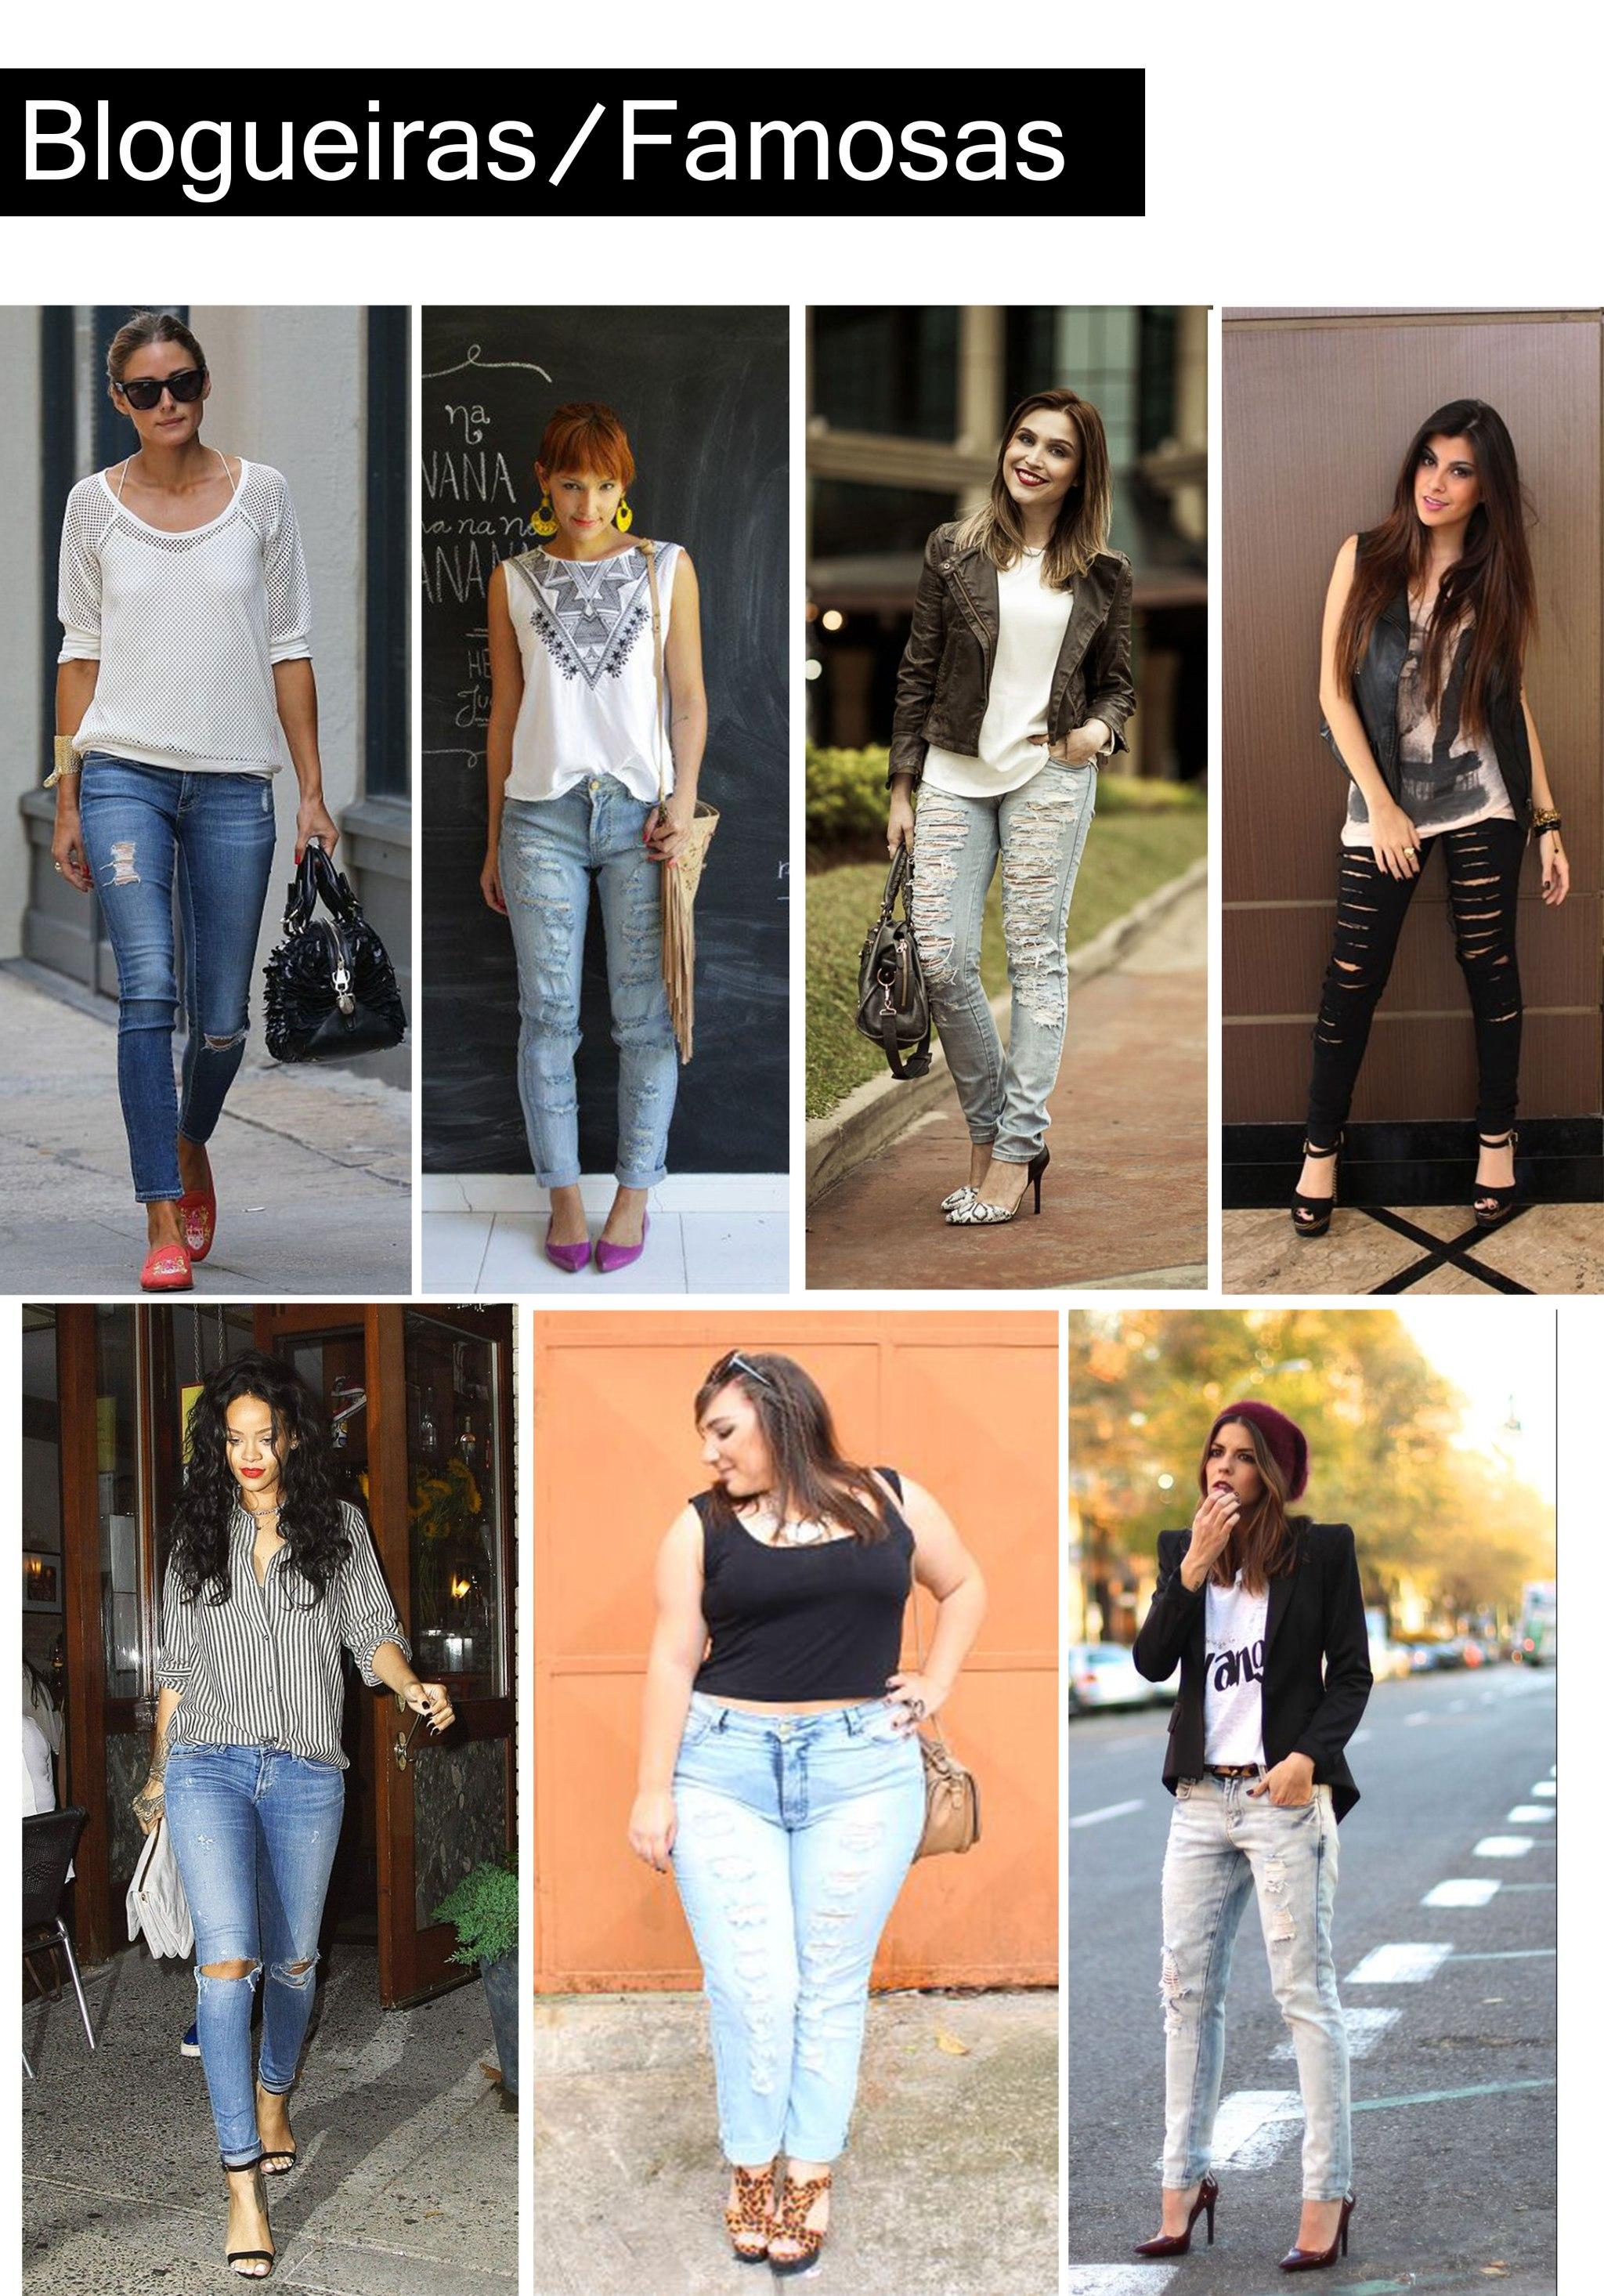 blogueiras_famosas com calça destroyed / blogueiras_famosas com destroyed jeans